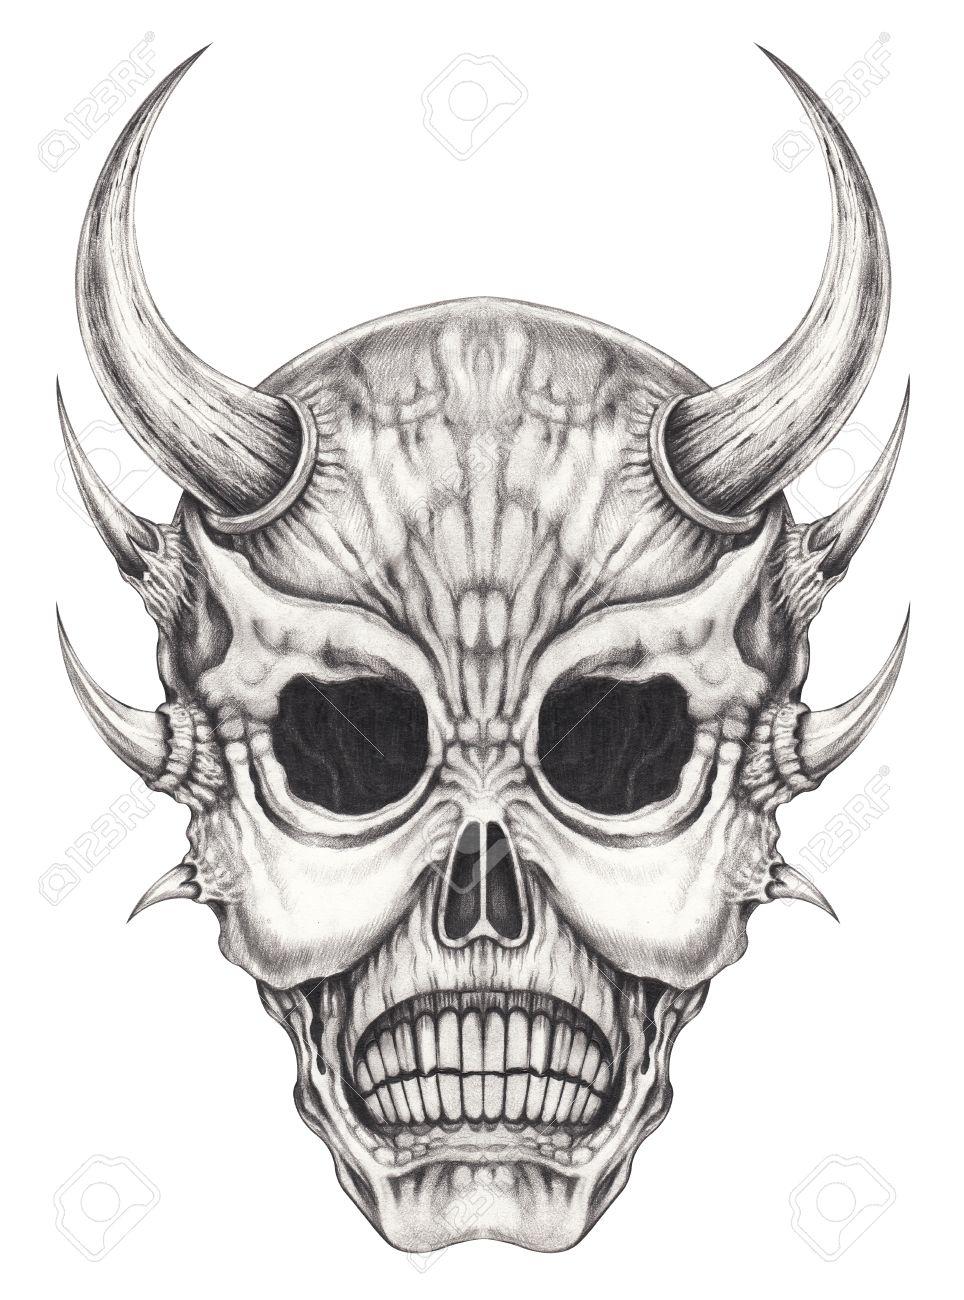 Art devil skull tattoo hand pencil drawing on paper